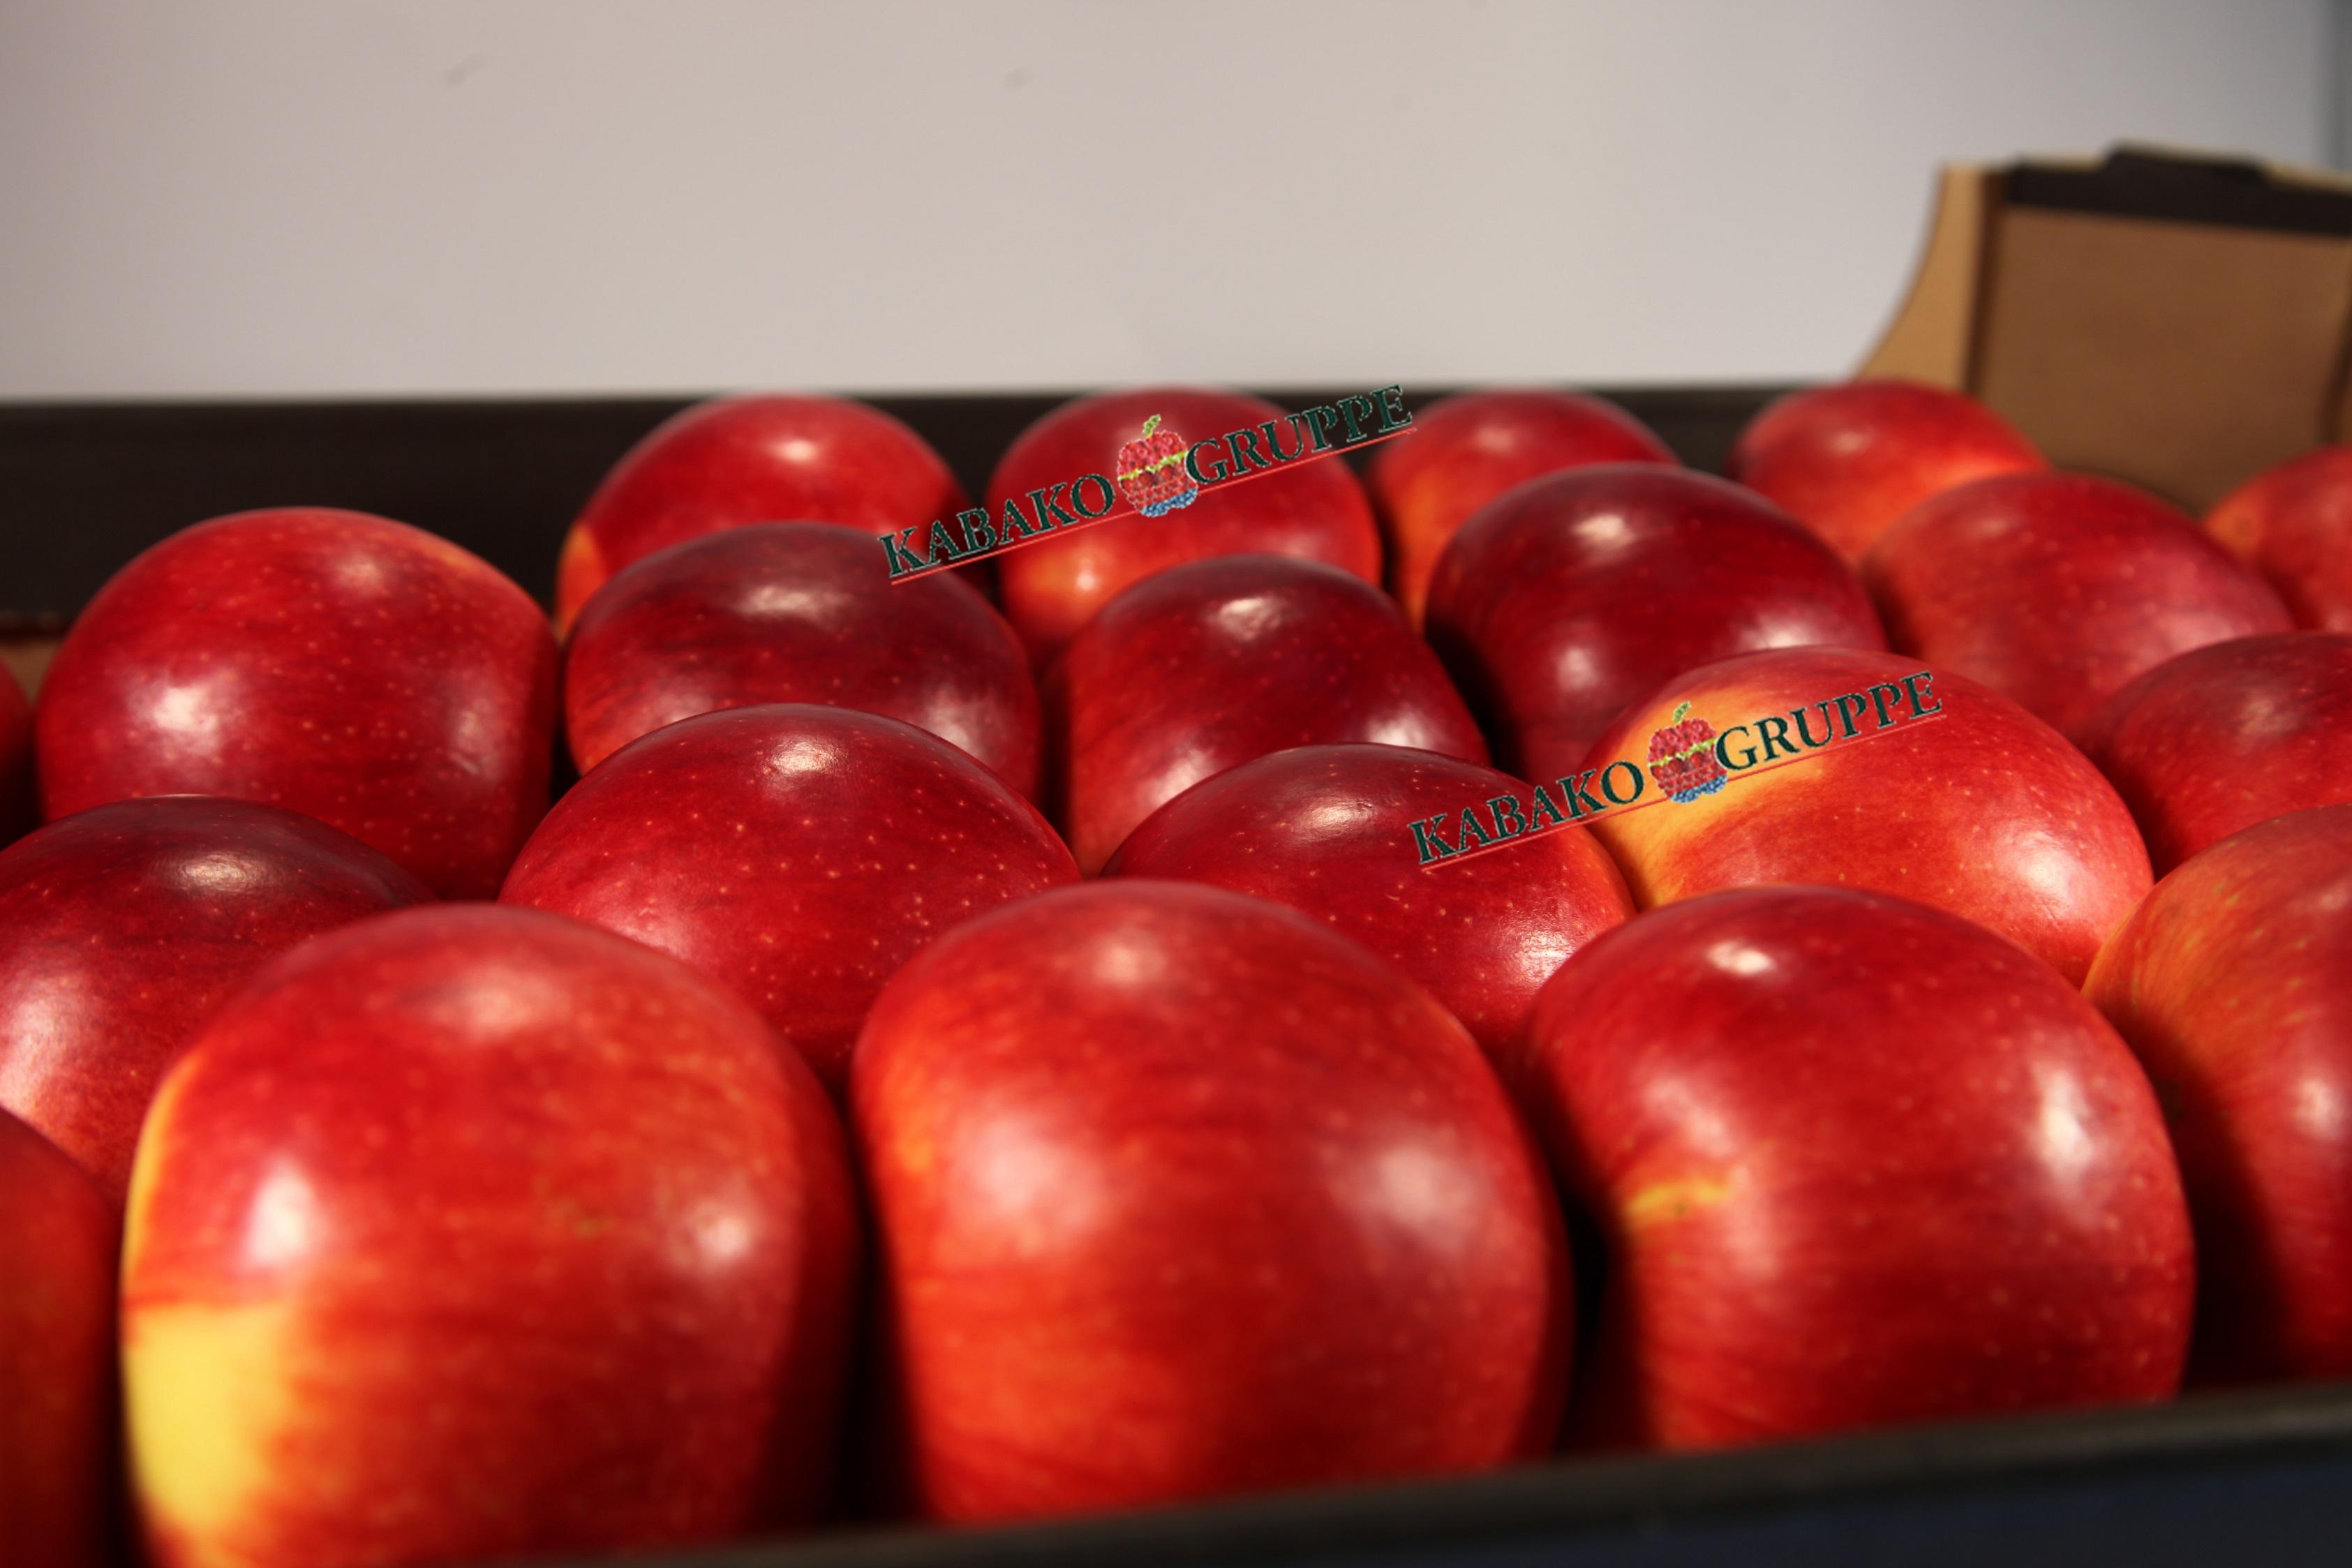 Frozen (IQF) Apples 46